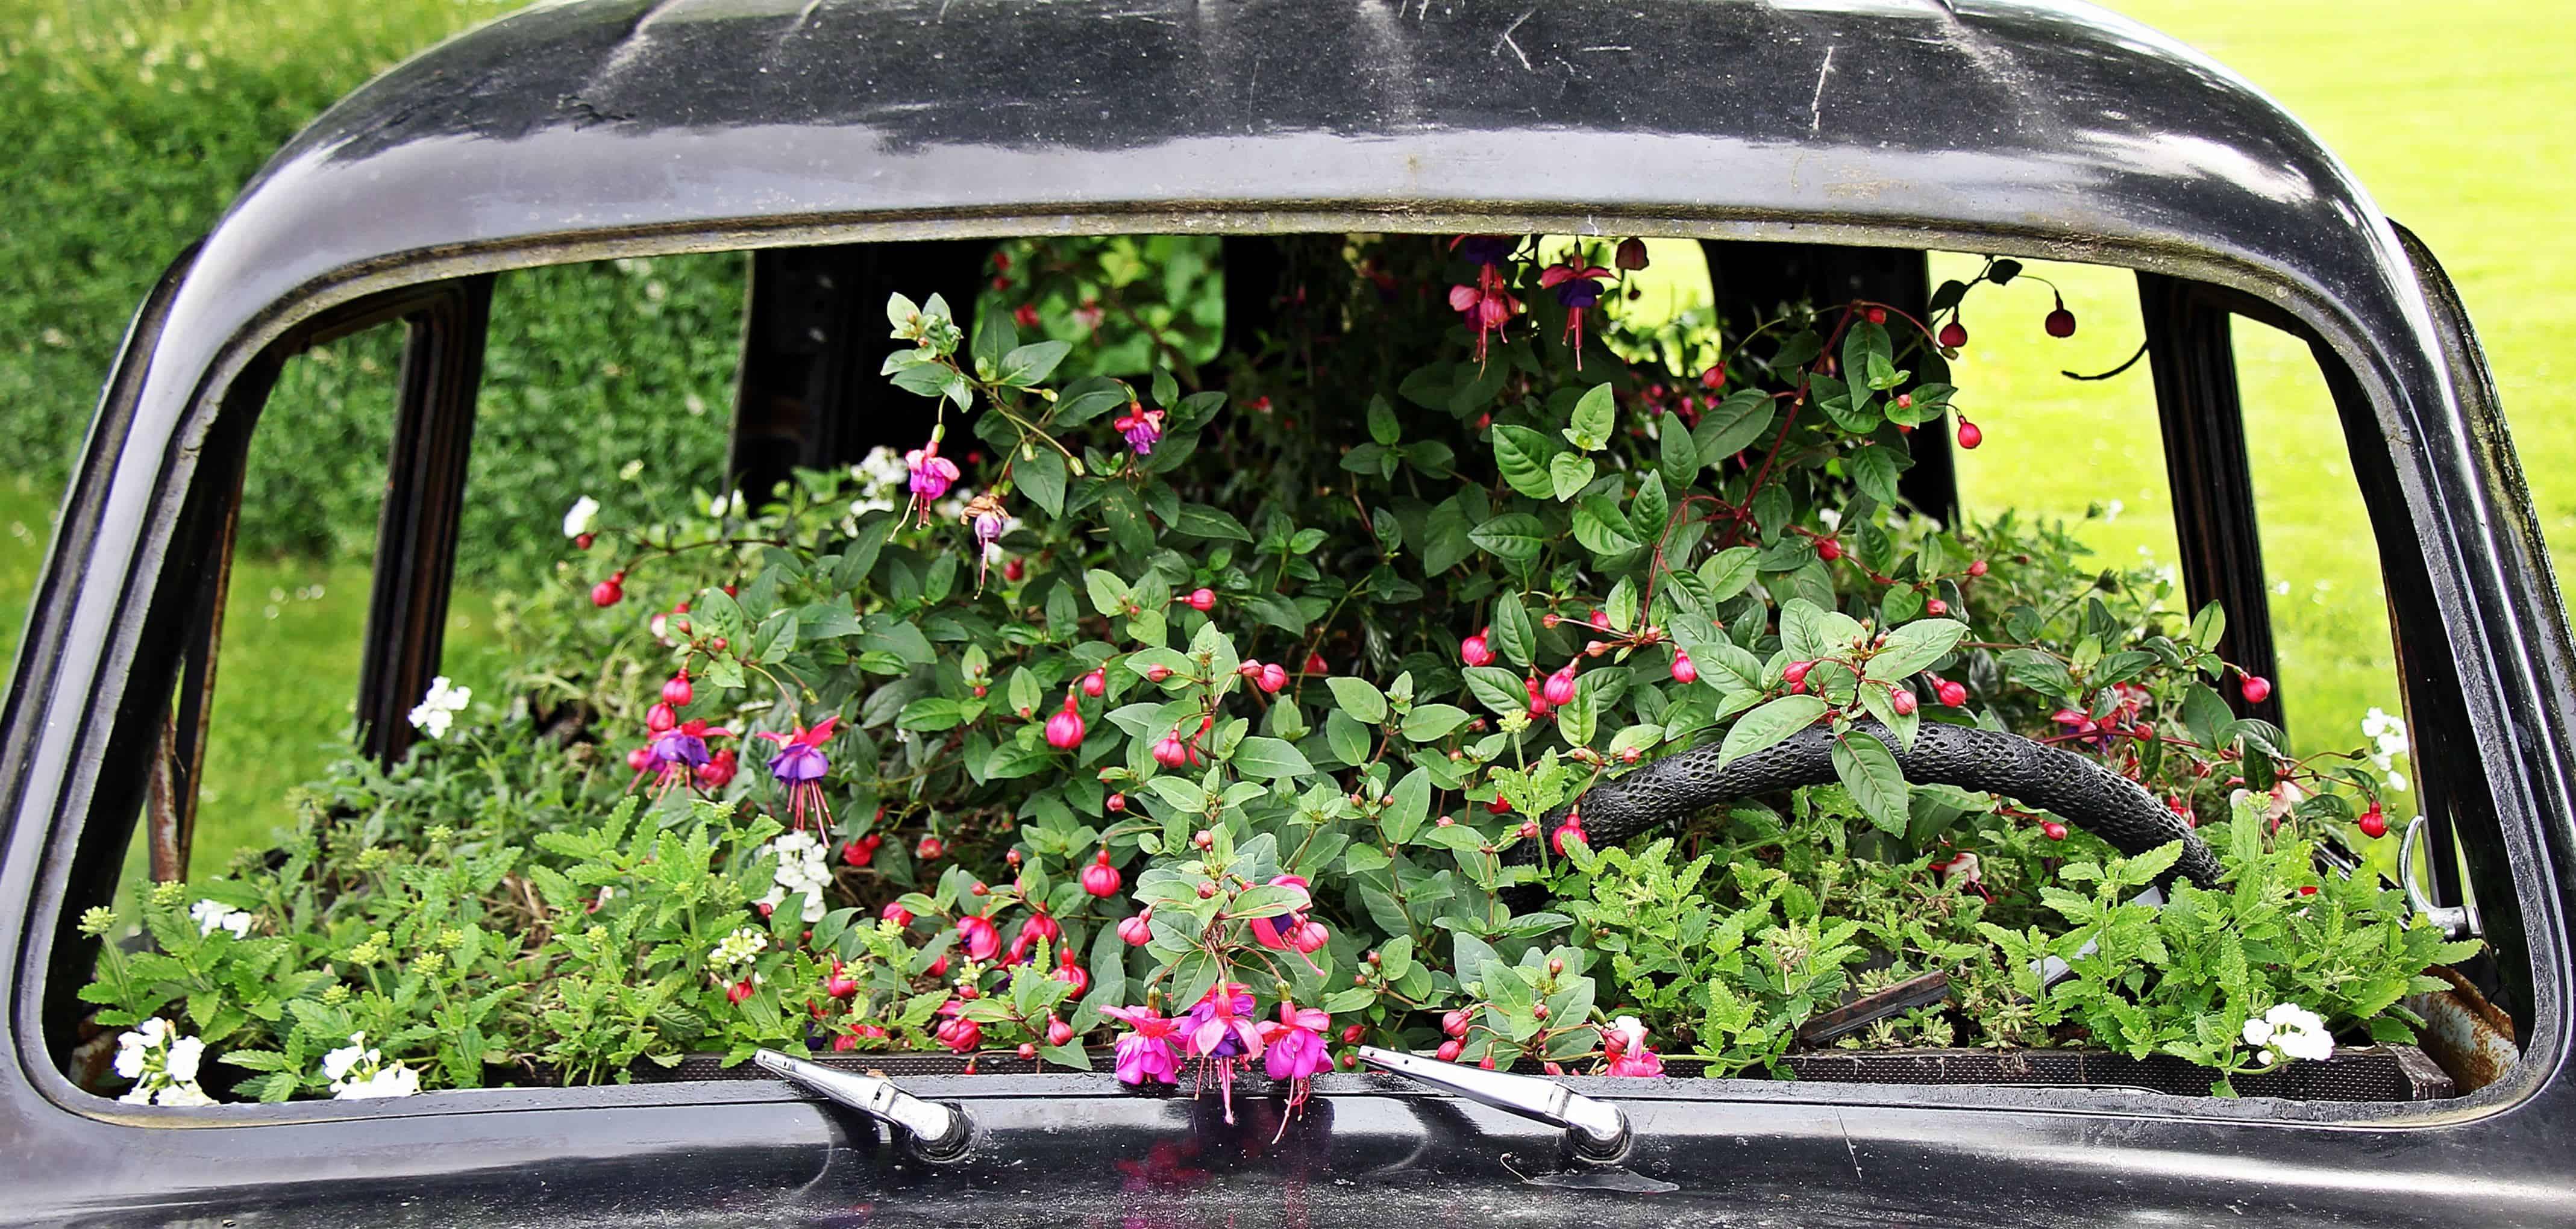 Image libre: jardin, fleurs, gazon, plein air, véhicule, voiture